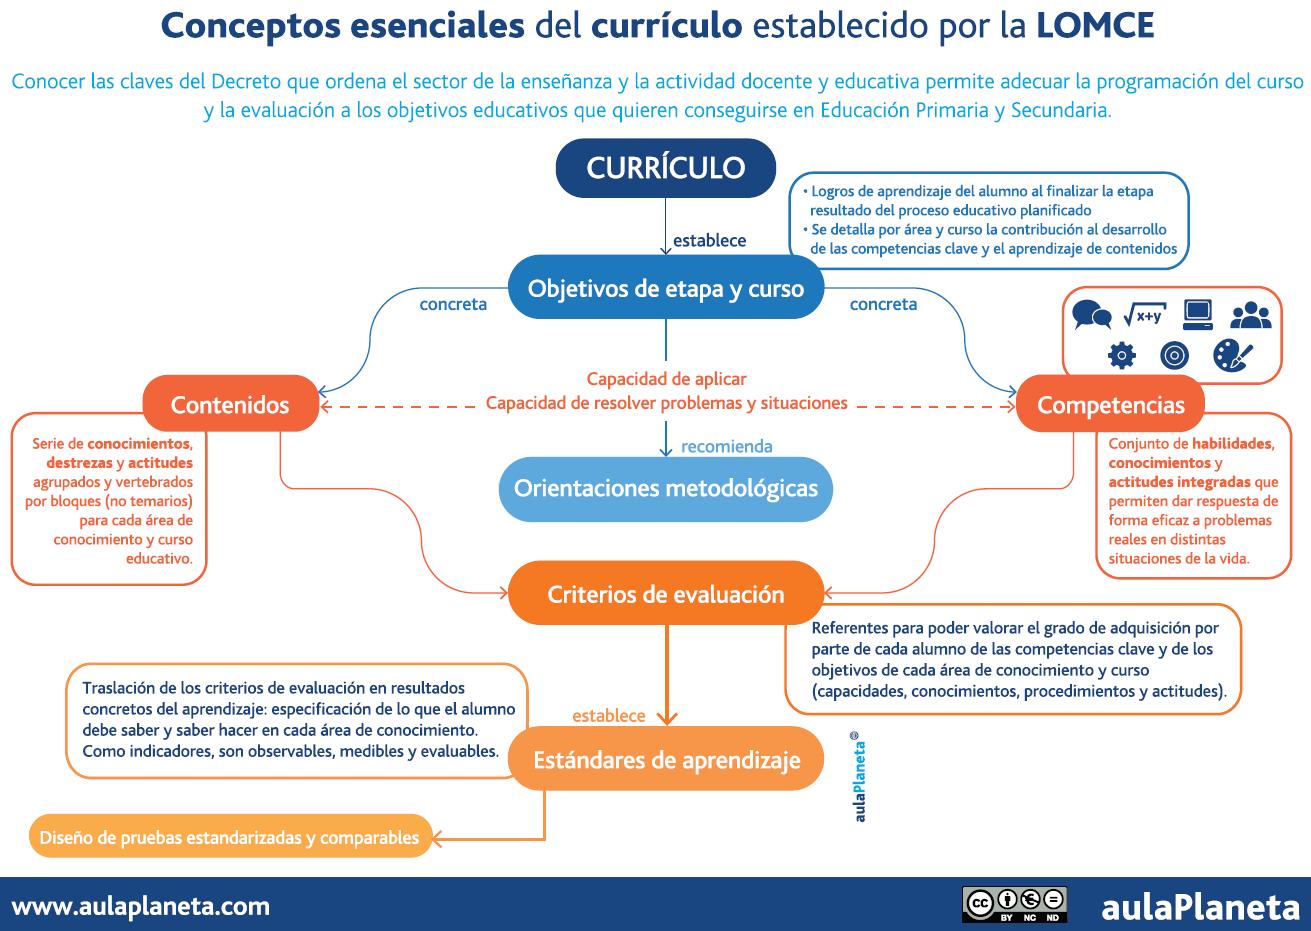 Infografia_curriculum_AulaPlaneta